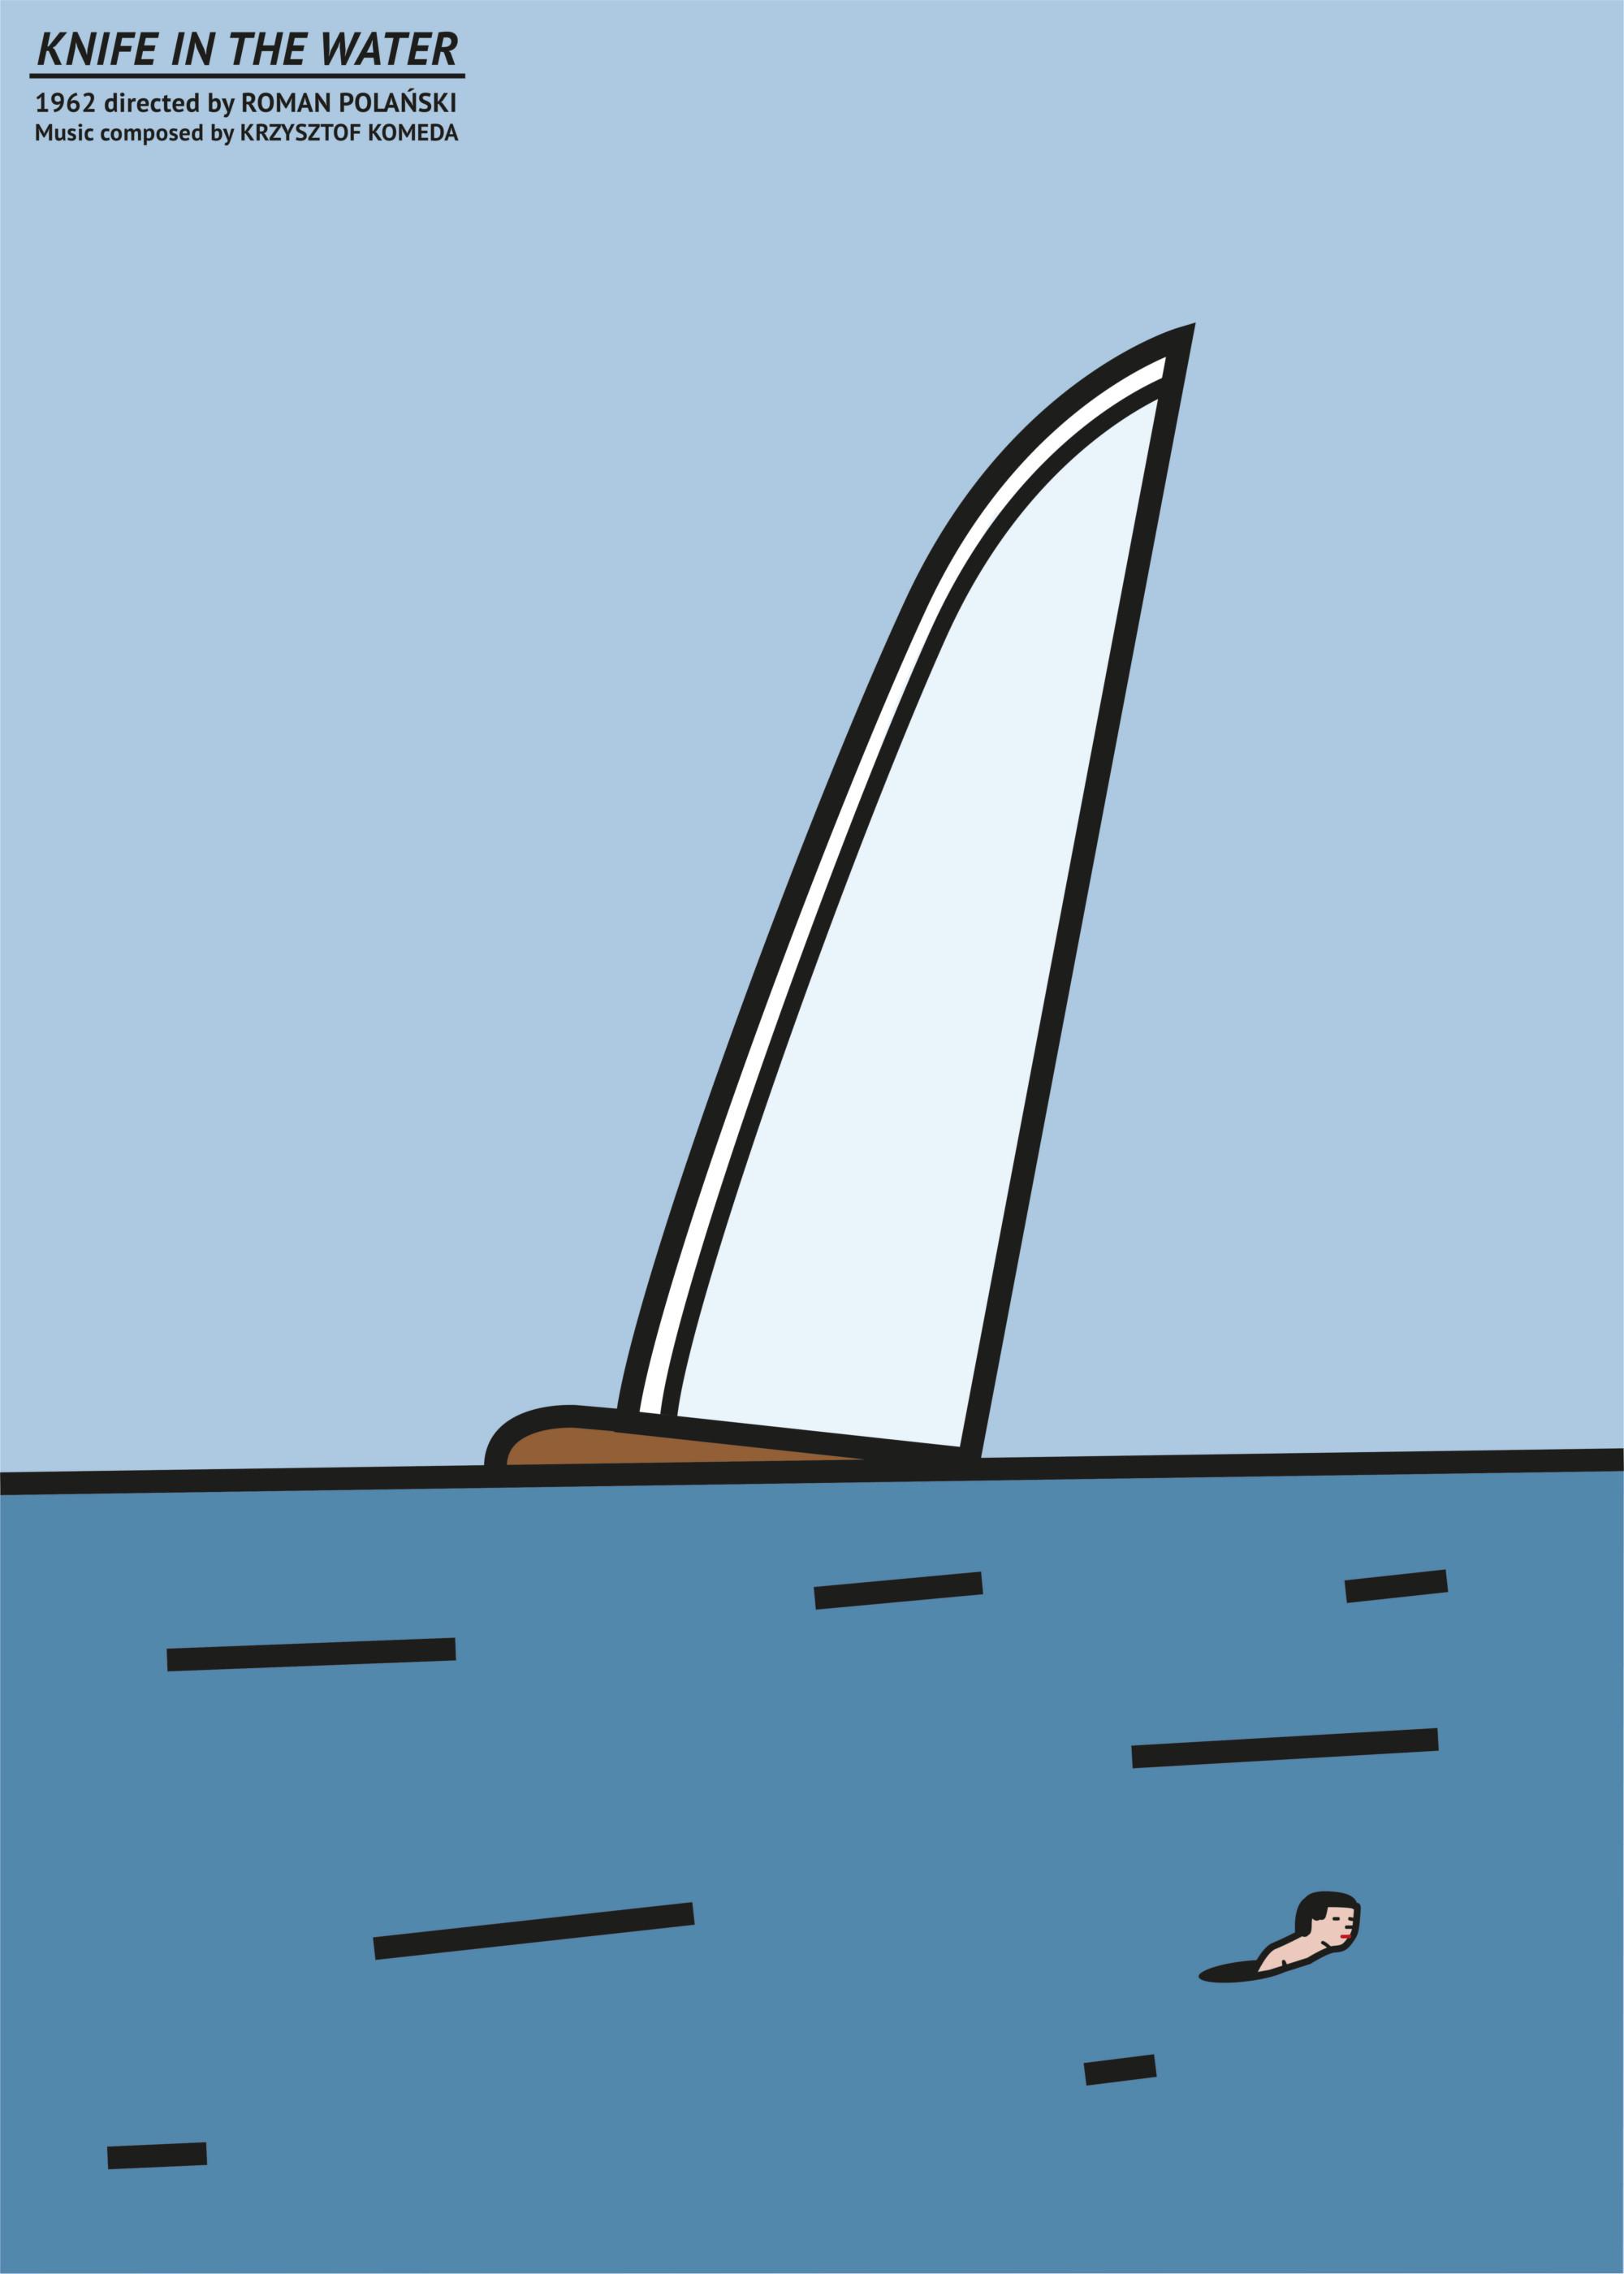 Nóż w wodzie